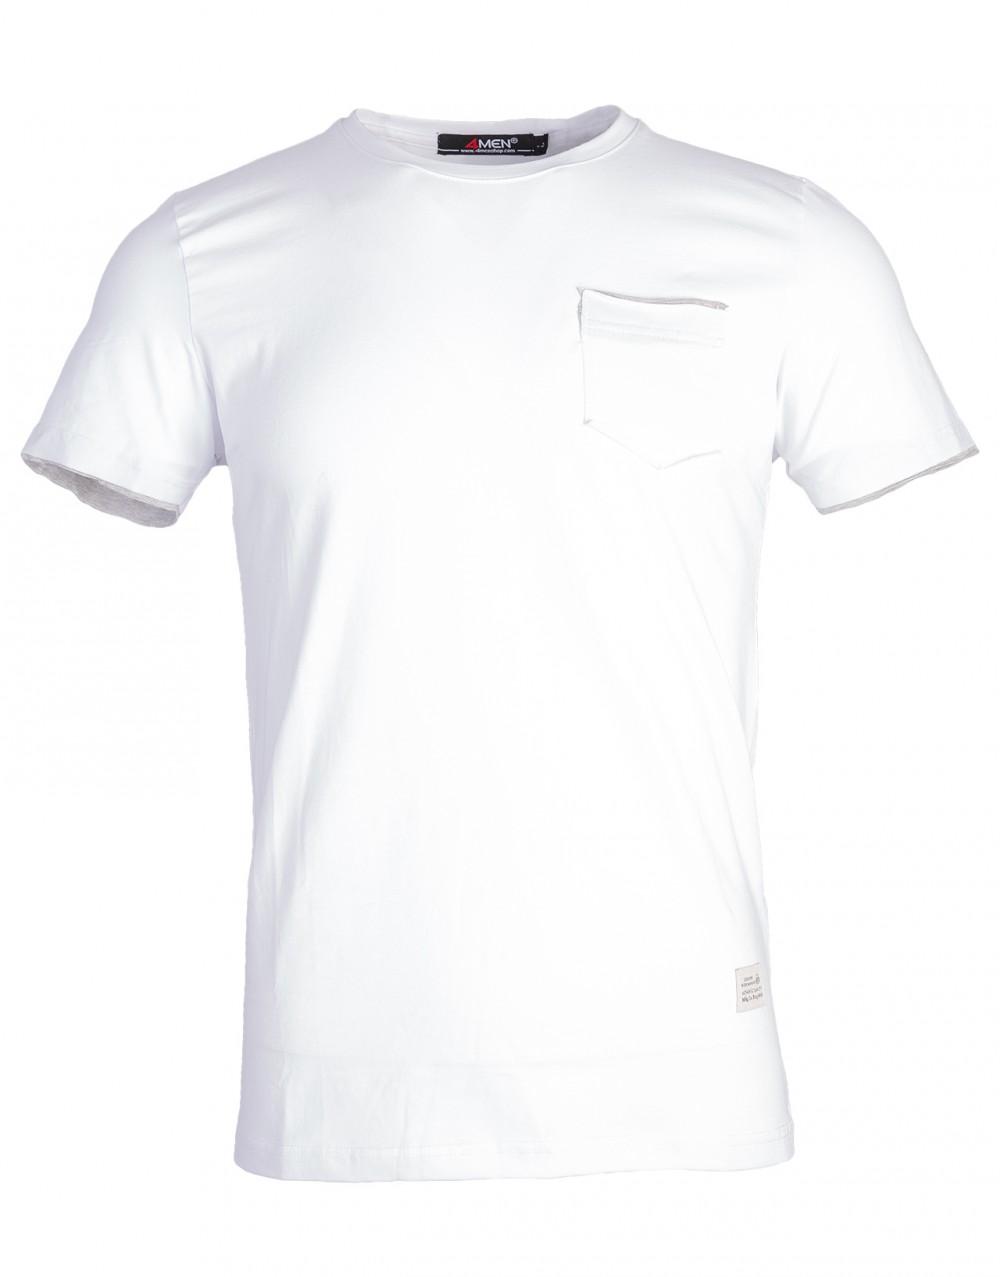 Áo thun trắng at761 - 1